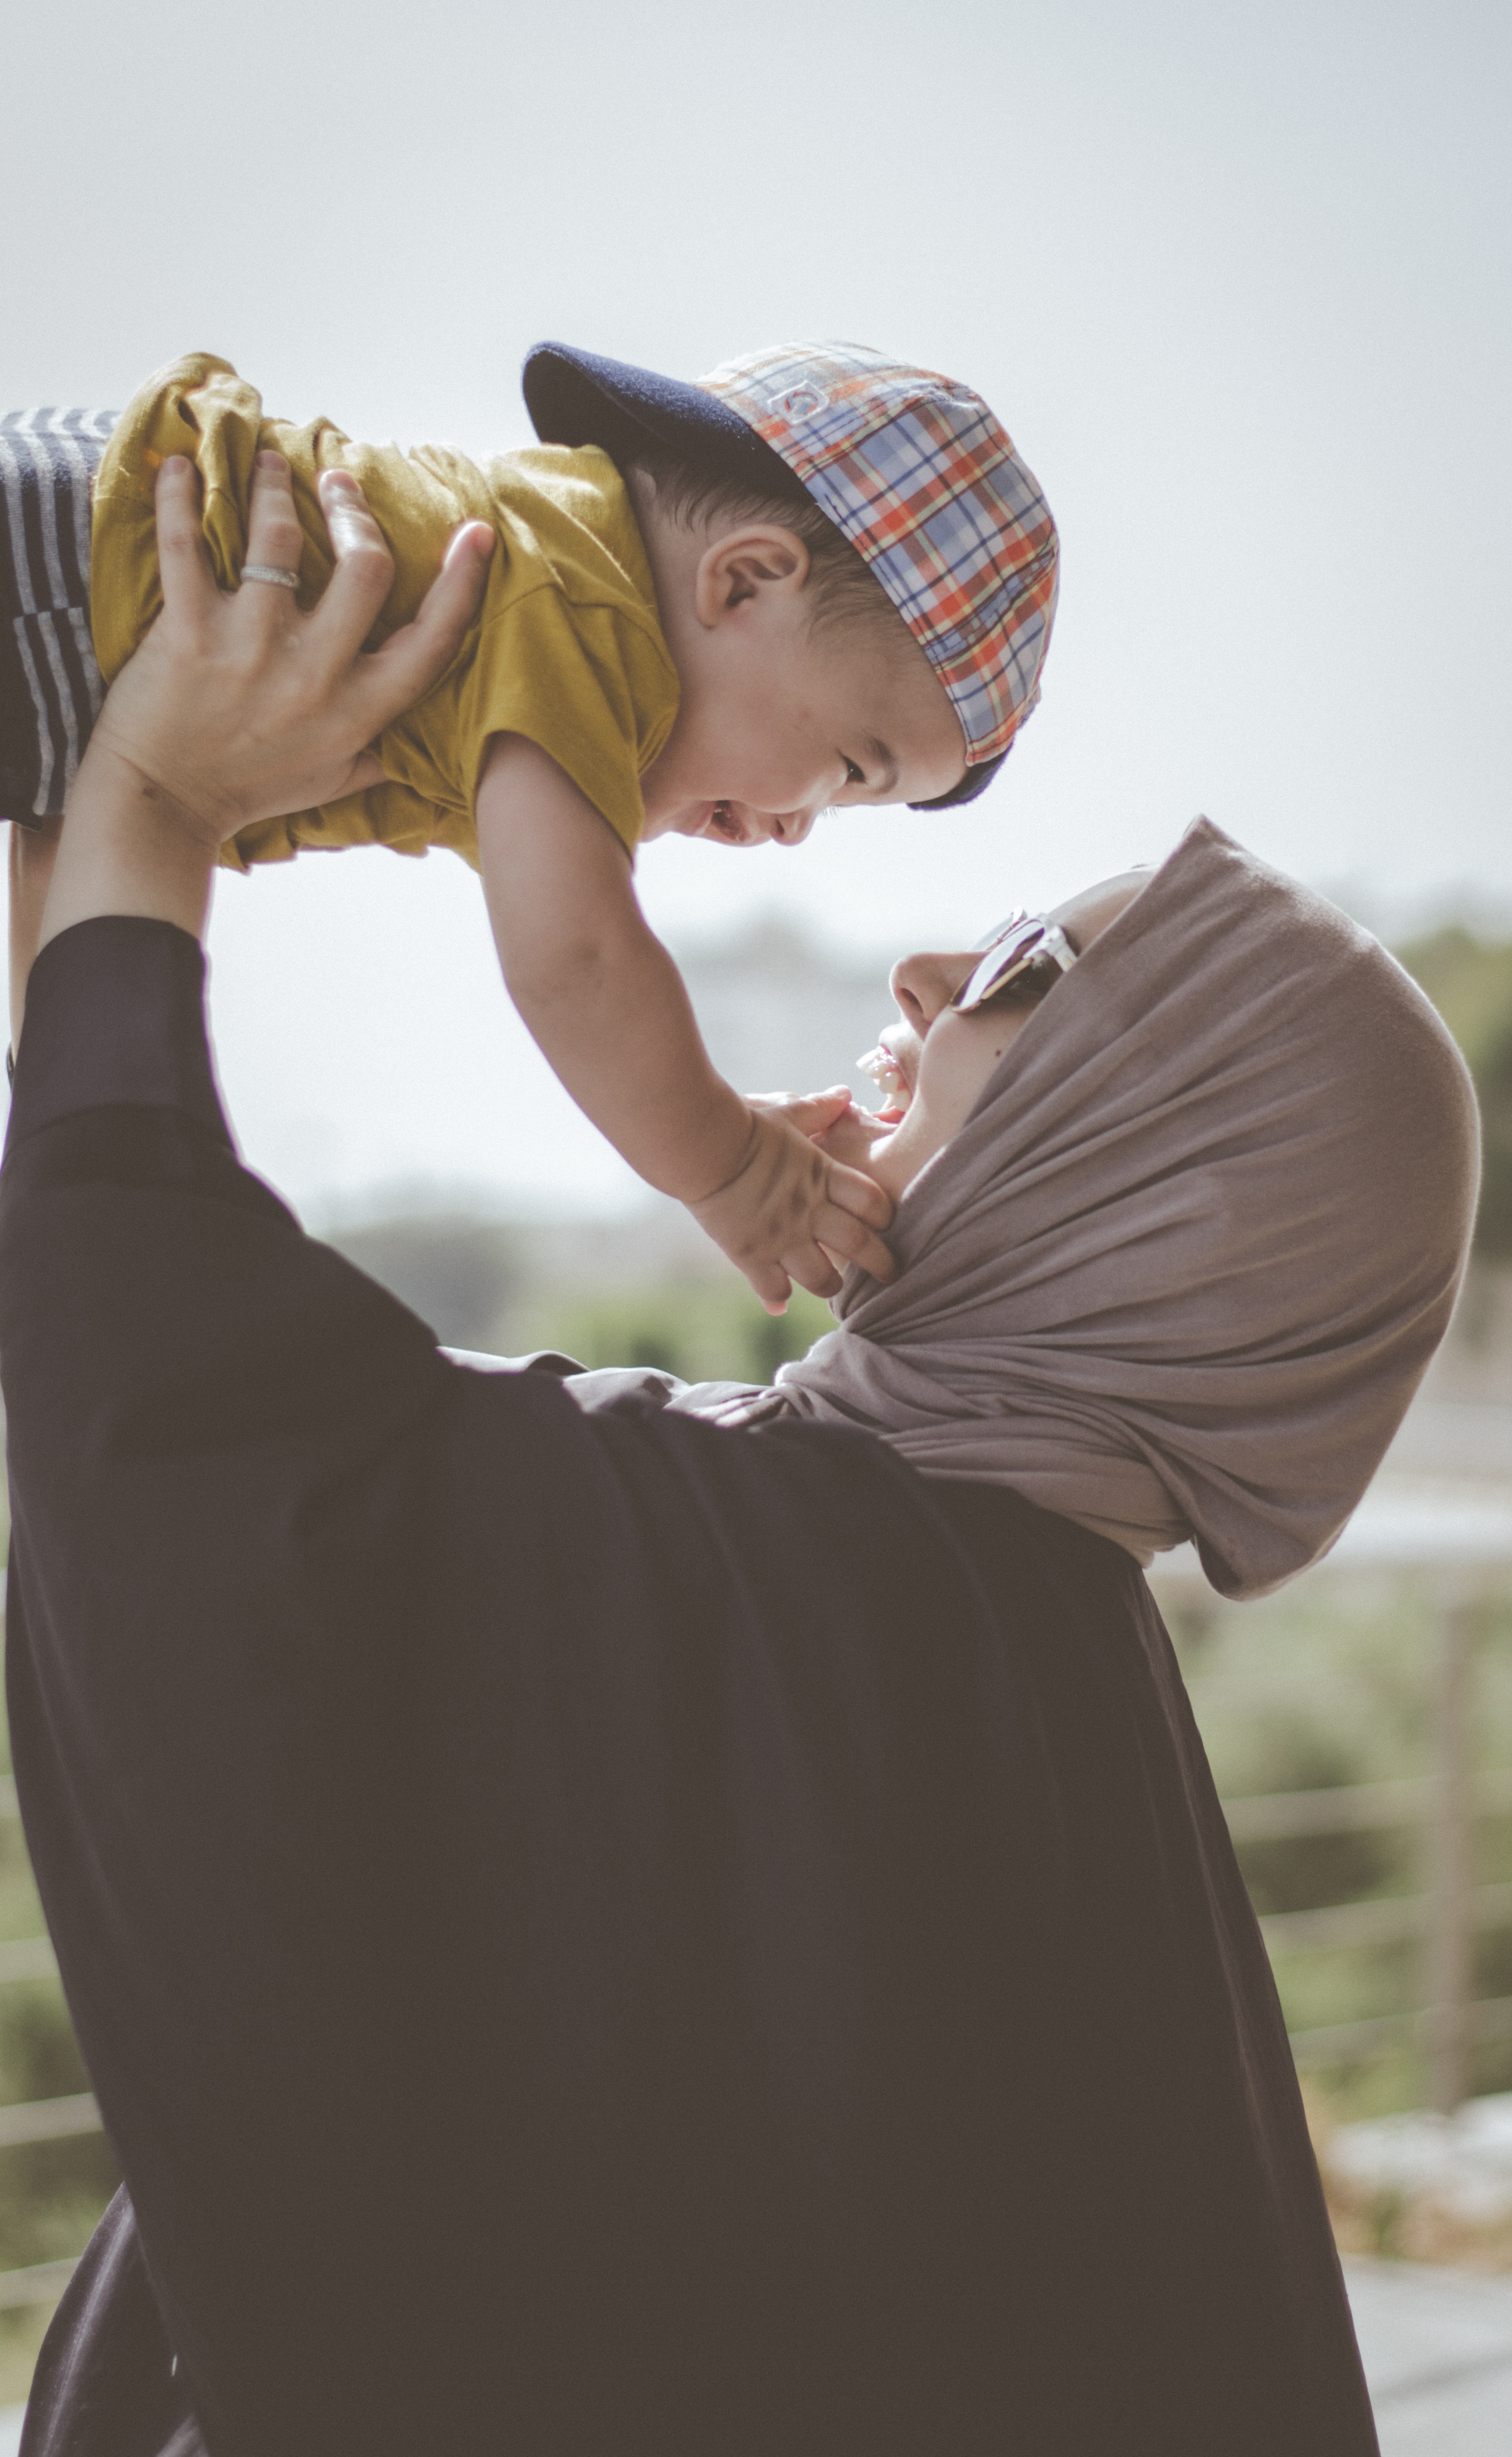 دنیای جدیدی به نام مادر شدن